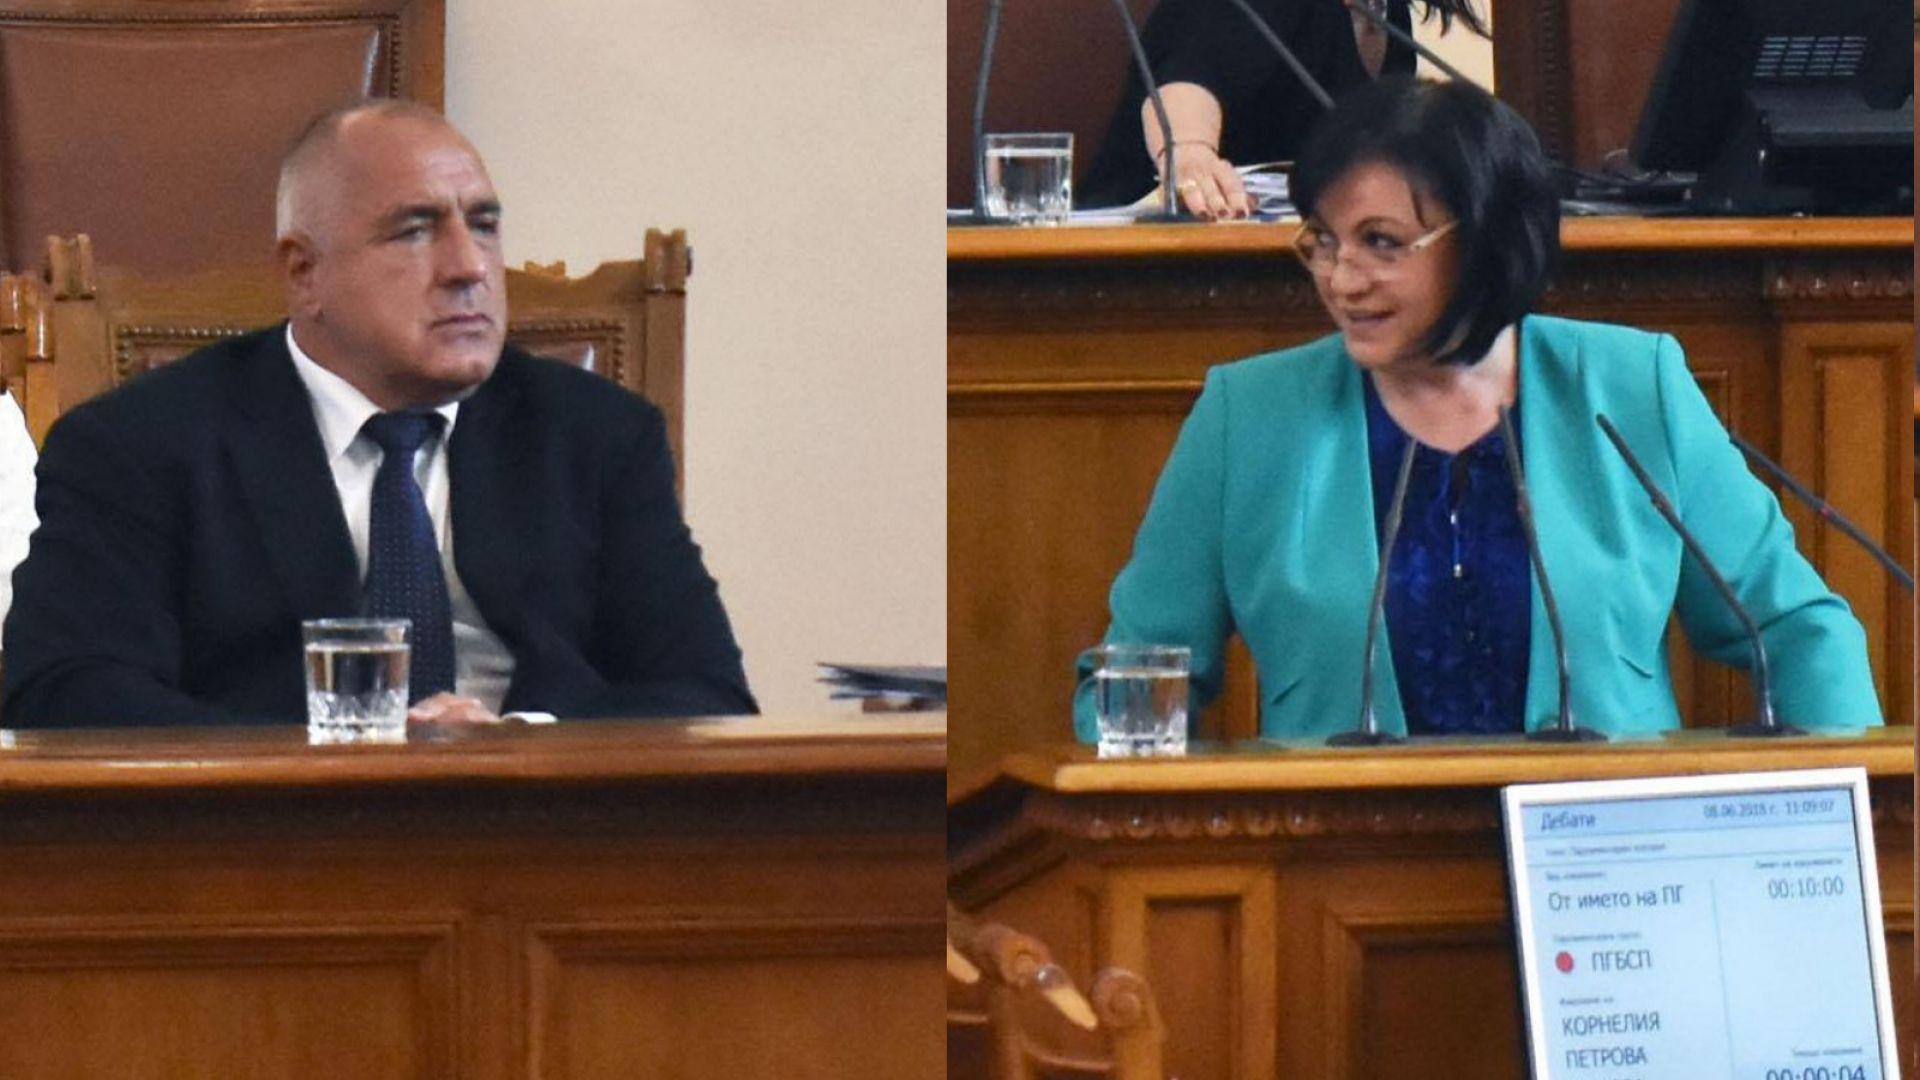 Нов сблъсък на Борисов с БСП: От нахални комунисти до искане за принудителен отпуск